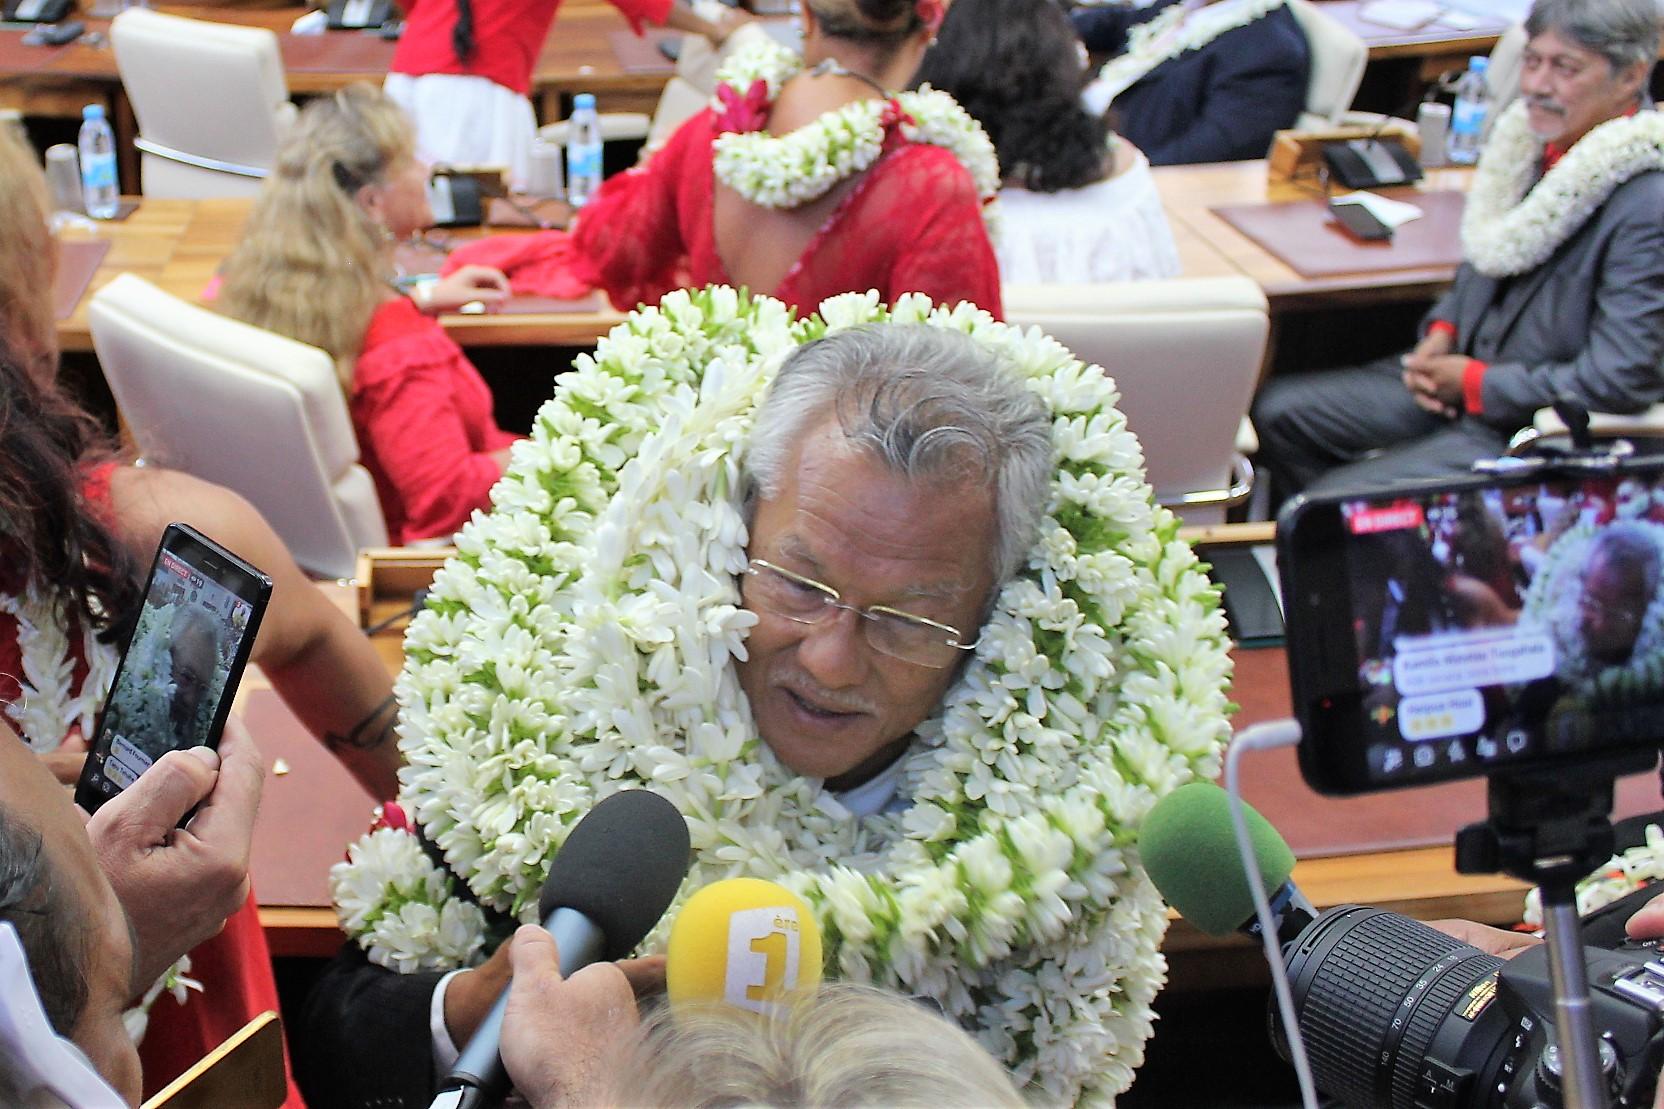 Politique en Polynésie : Gaston Tong Sang, élu Président de l'Assemblée de la Polynésie française